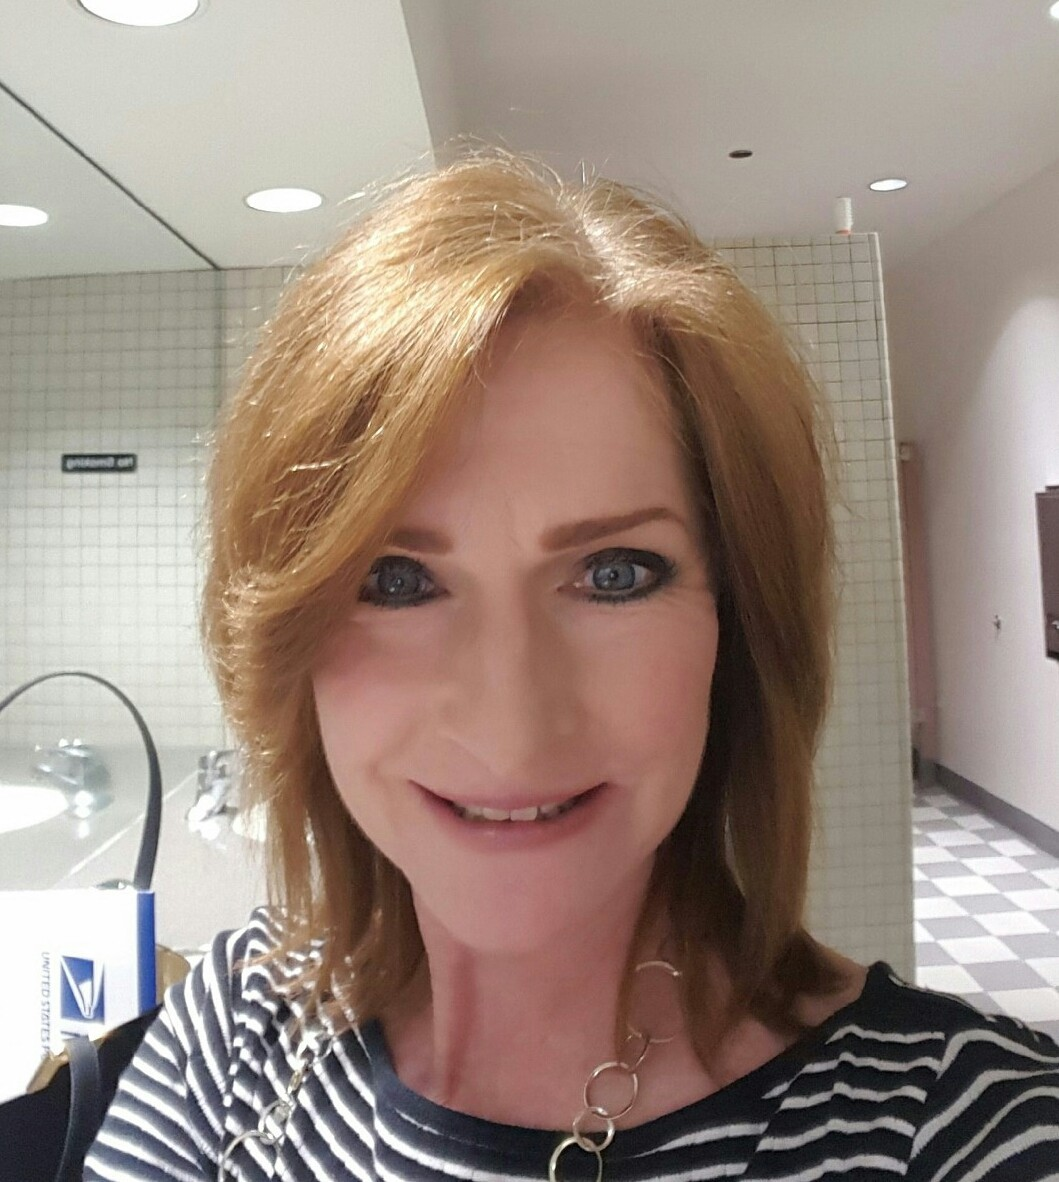 Femme mariée du 69 pour plan cul discret